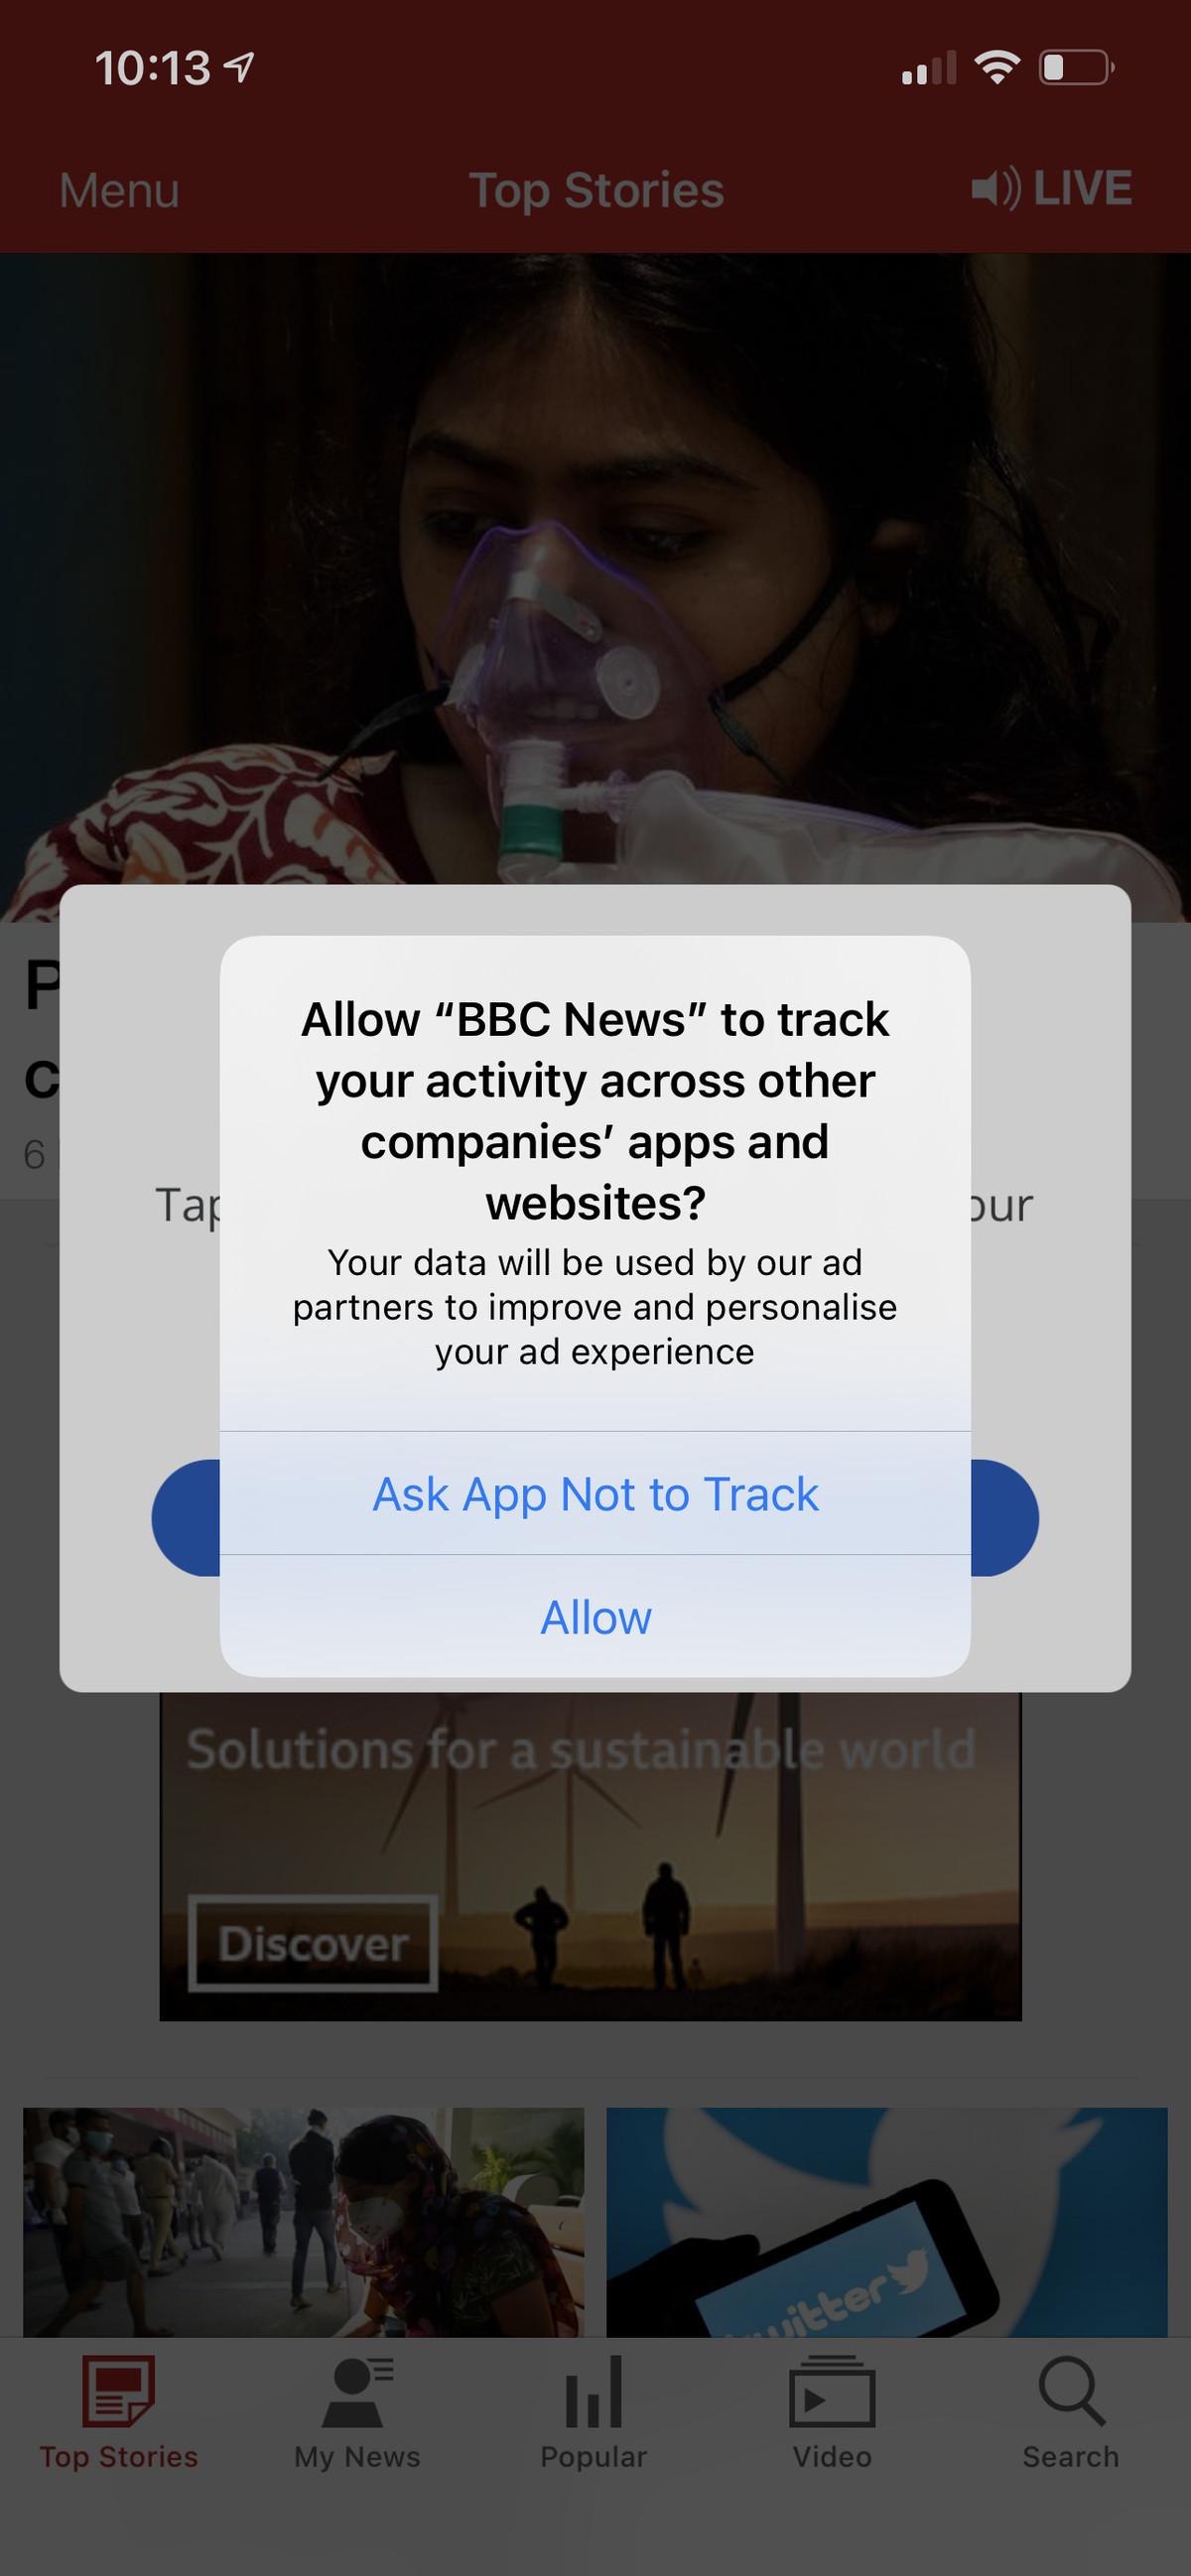 Acum depinde de dvs. dacă permiteți fiecărei aplicații să vă urmărească sau nu.